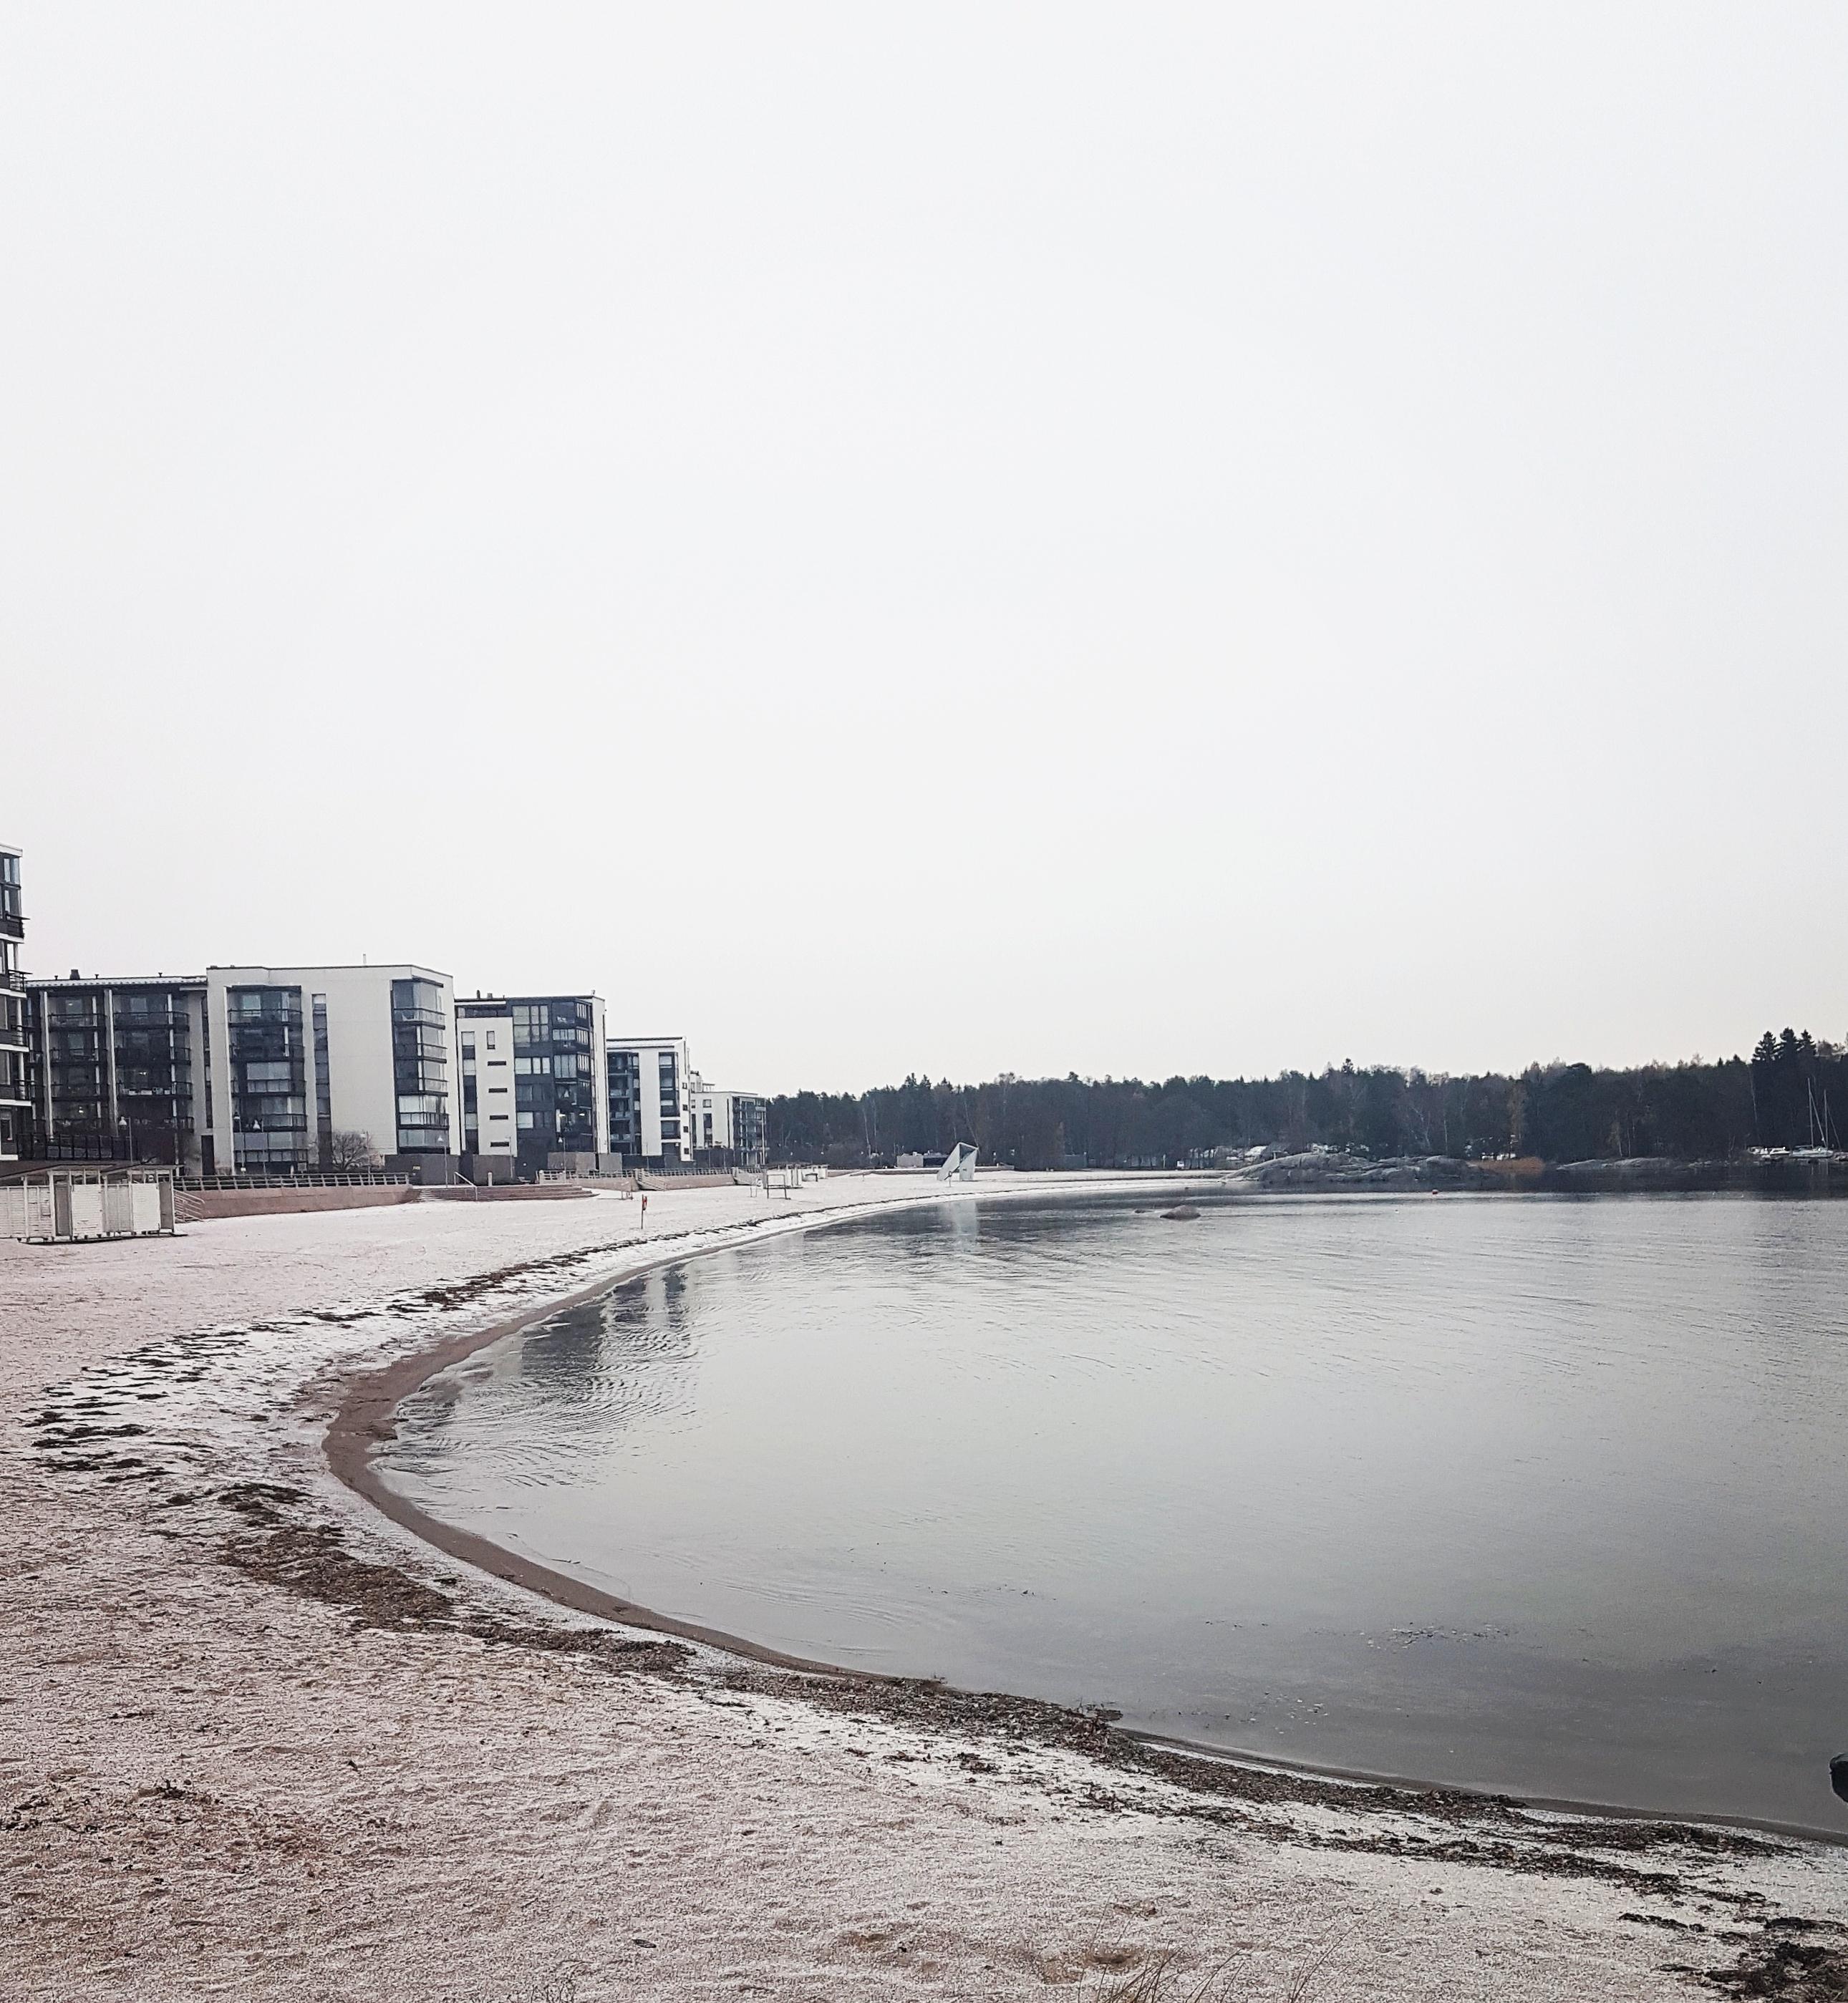 4 syytä miksi maahanmuuttajataustaisena on hienoa asua Suomessa